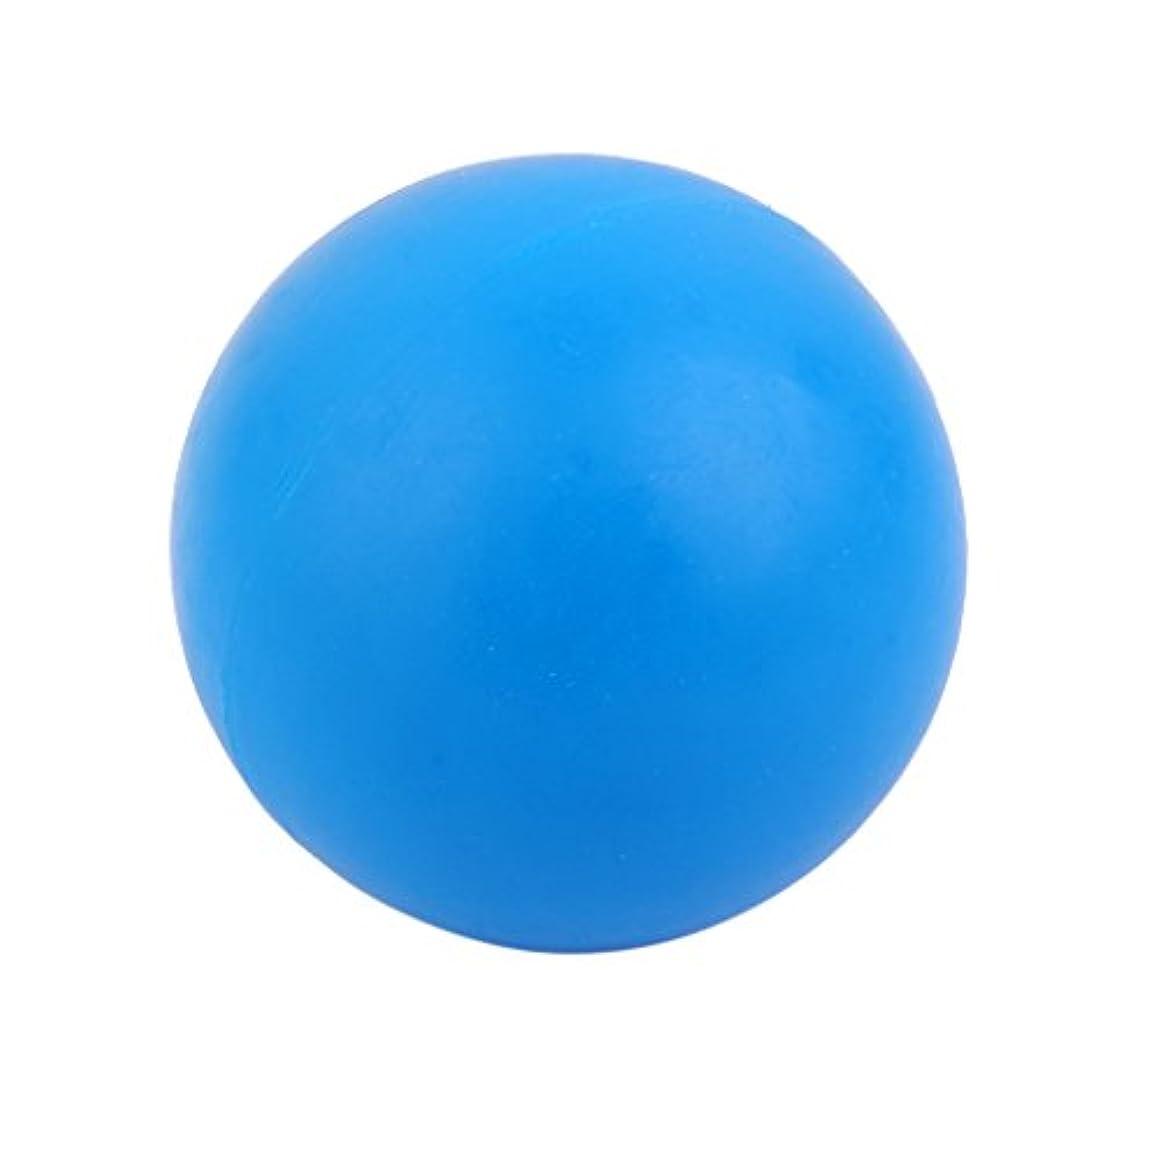 外交官情熱的区別するマッサージボール 反応ボール トレーニングボール